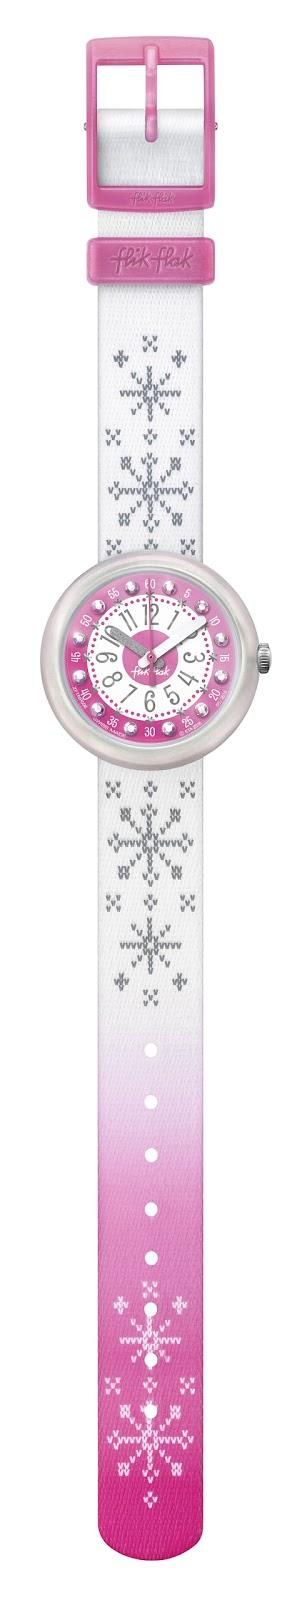 Geschenketipp für Weihnachten: Flik Flak Uhren im winterlichen ...